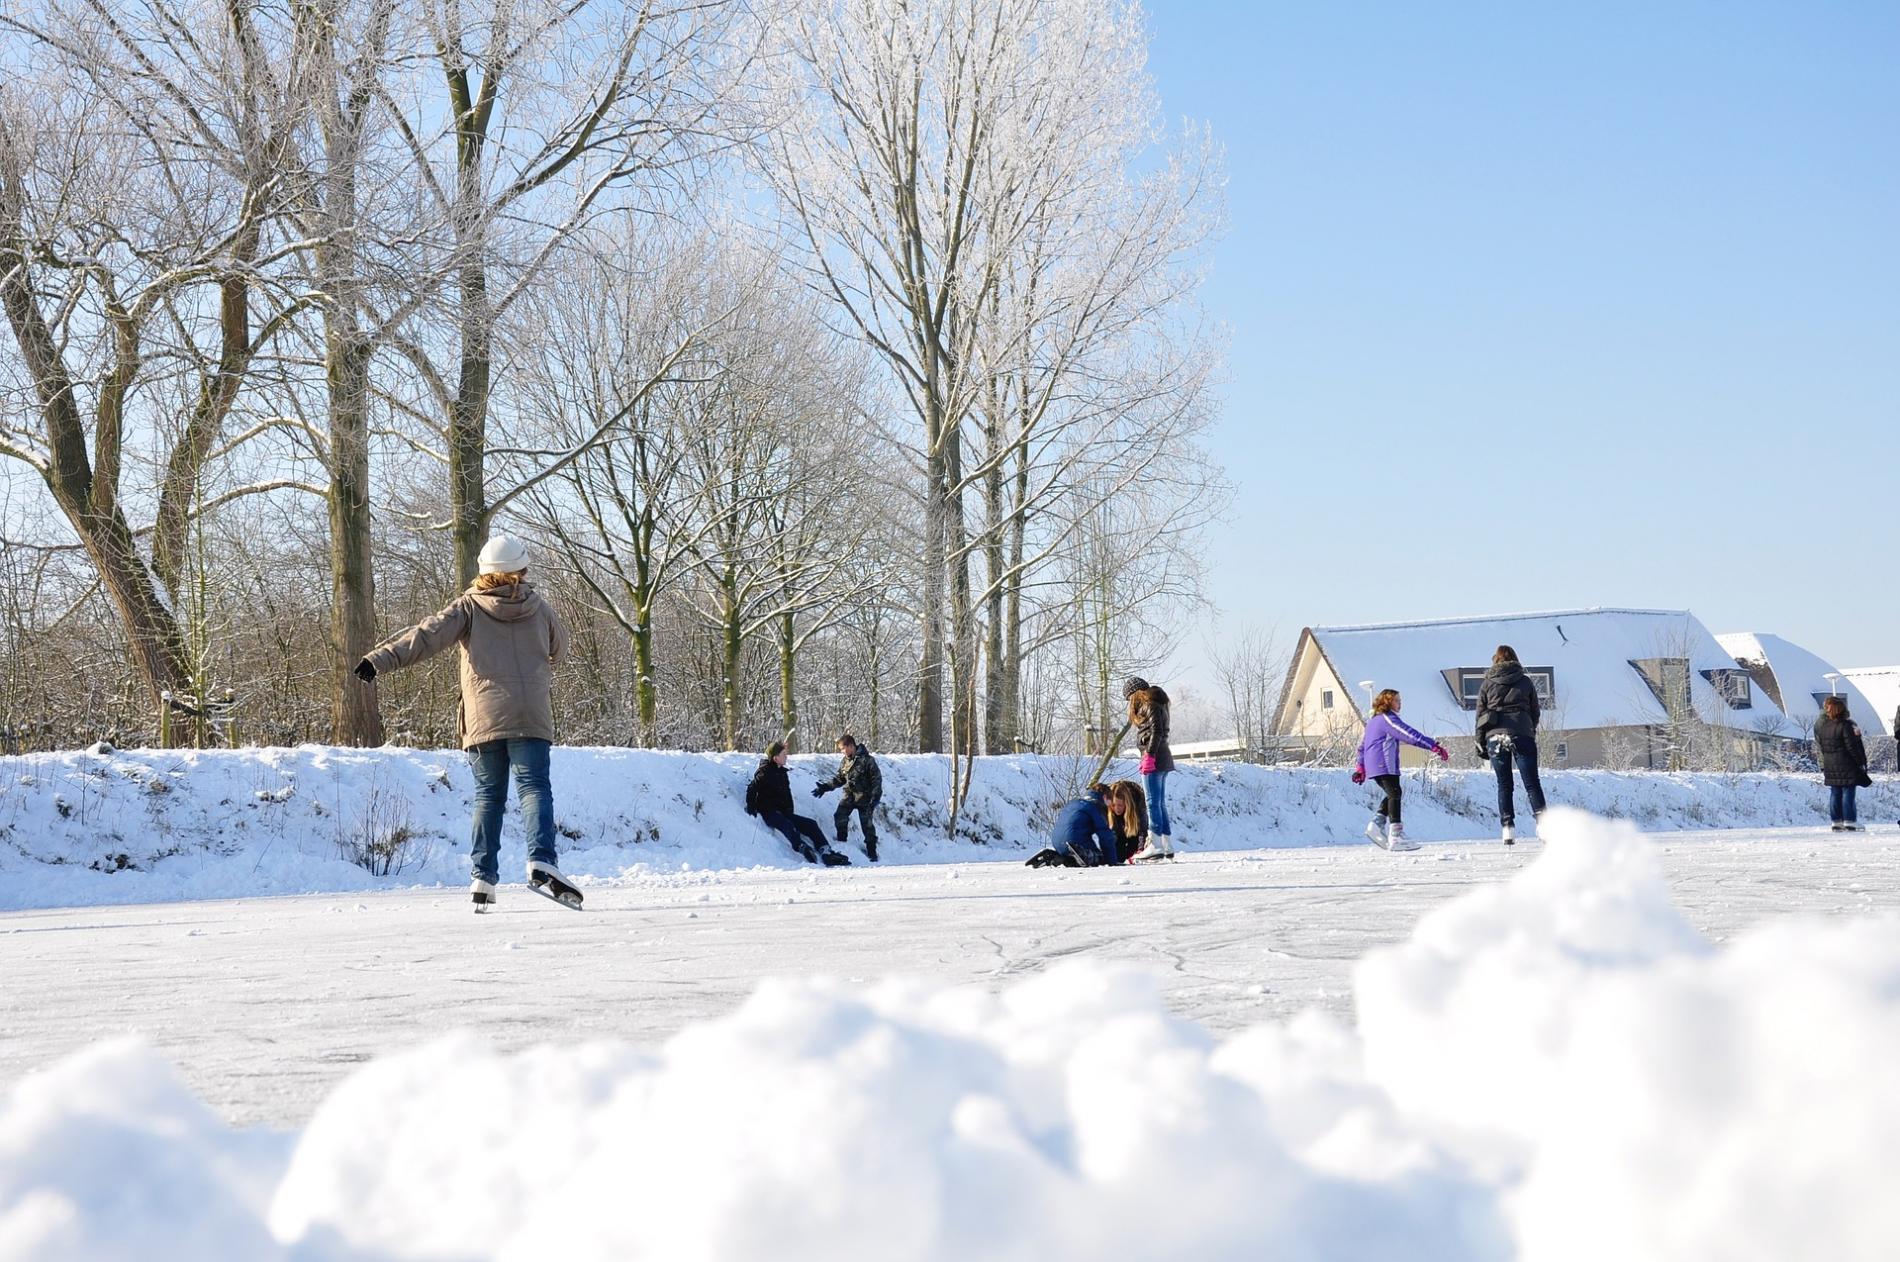 Afb kinderen schaatsen